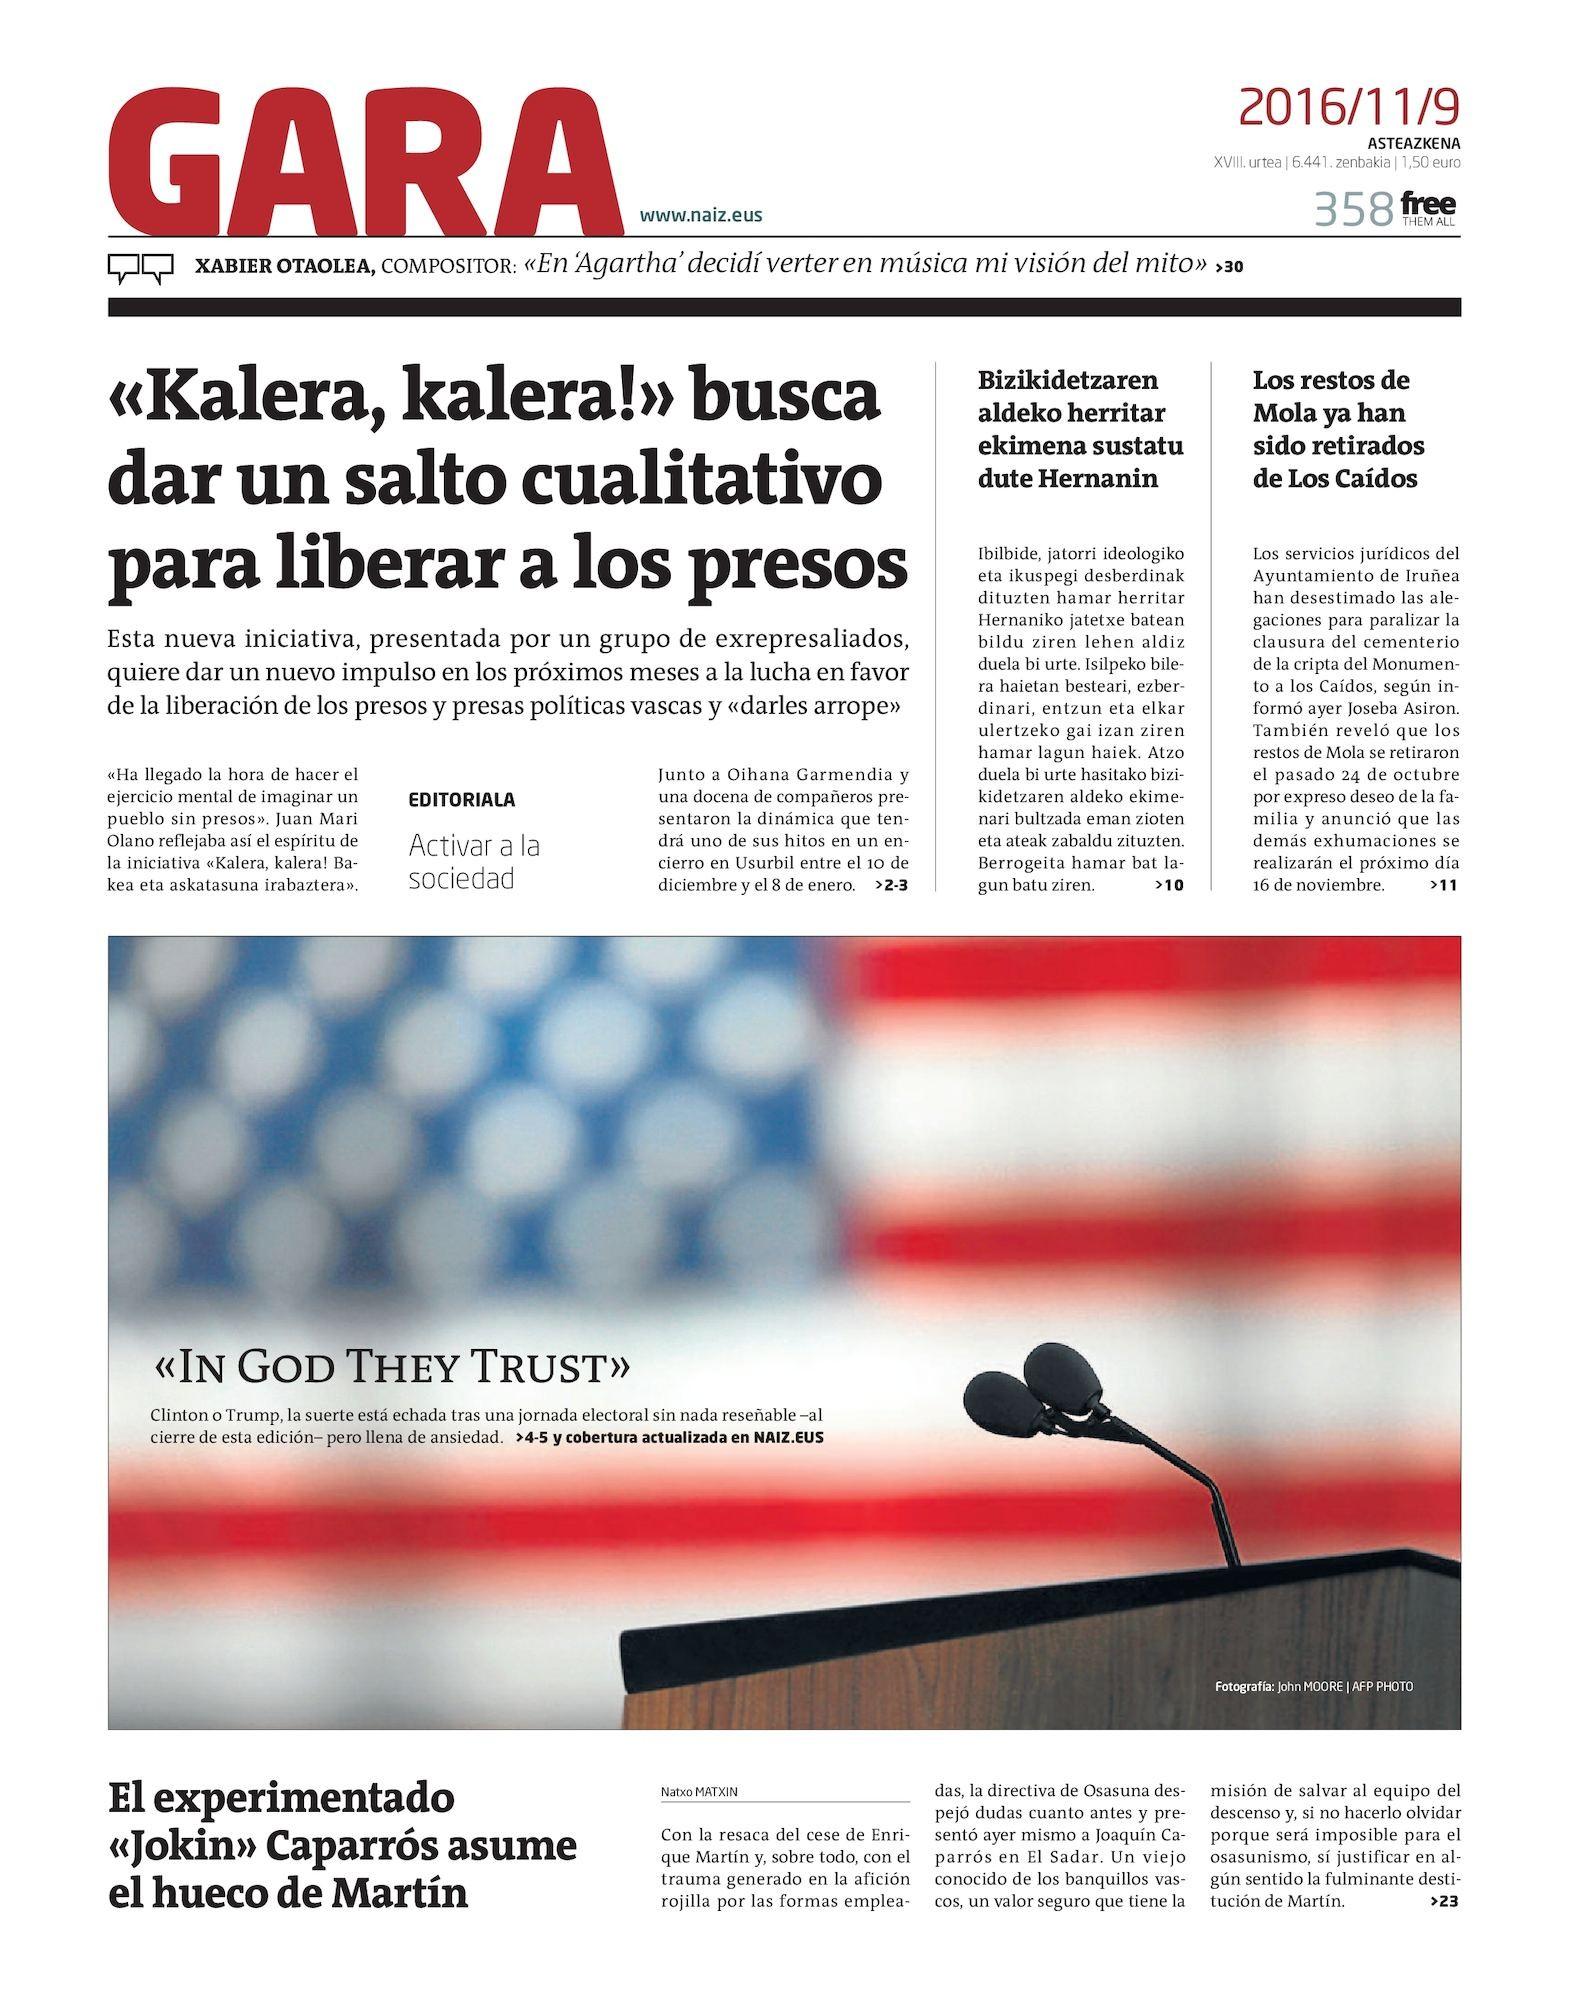 Calendario 2019 B Udg Más Reciente Calaméo Gara Of Calendario 2019 B Udg Recientes Impetu 05 De Agosto De 2017 by Diario mpetu issuu